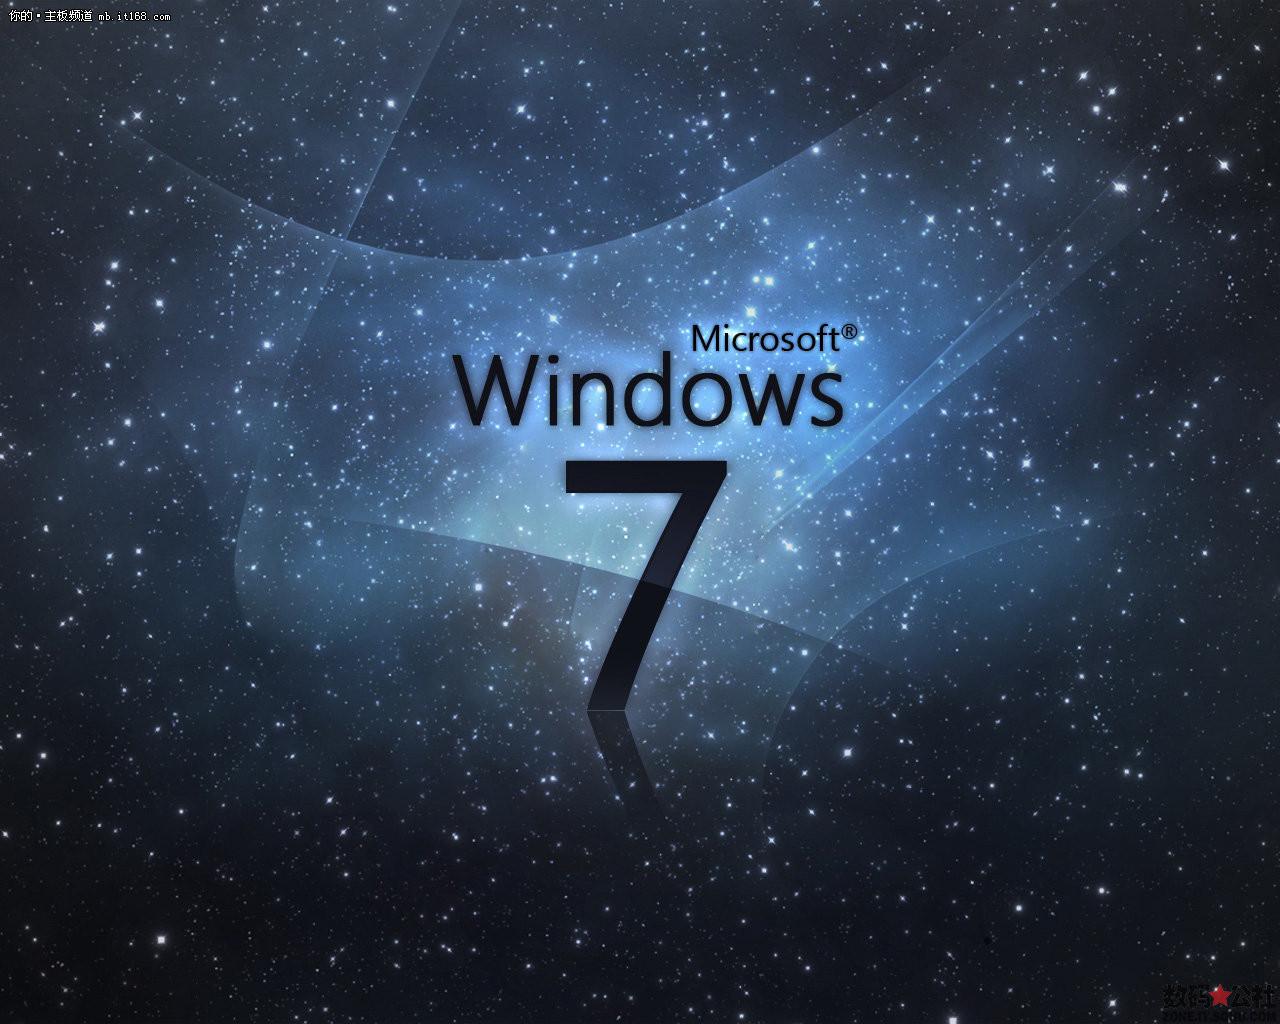 ndows 8桌面图片下载